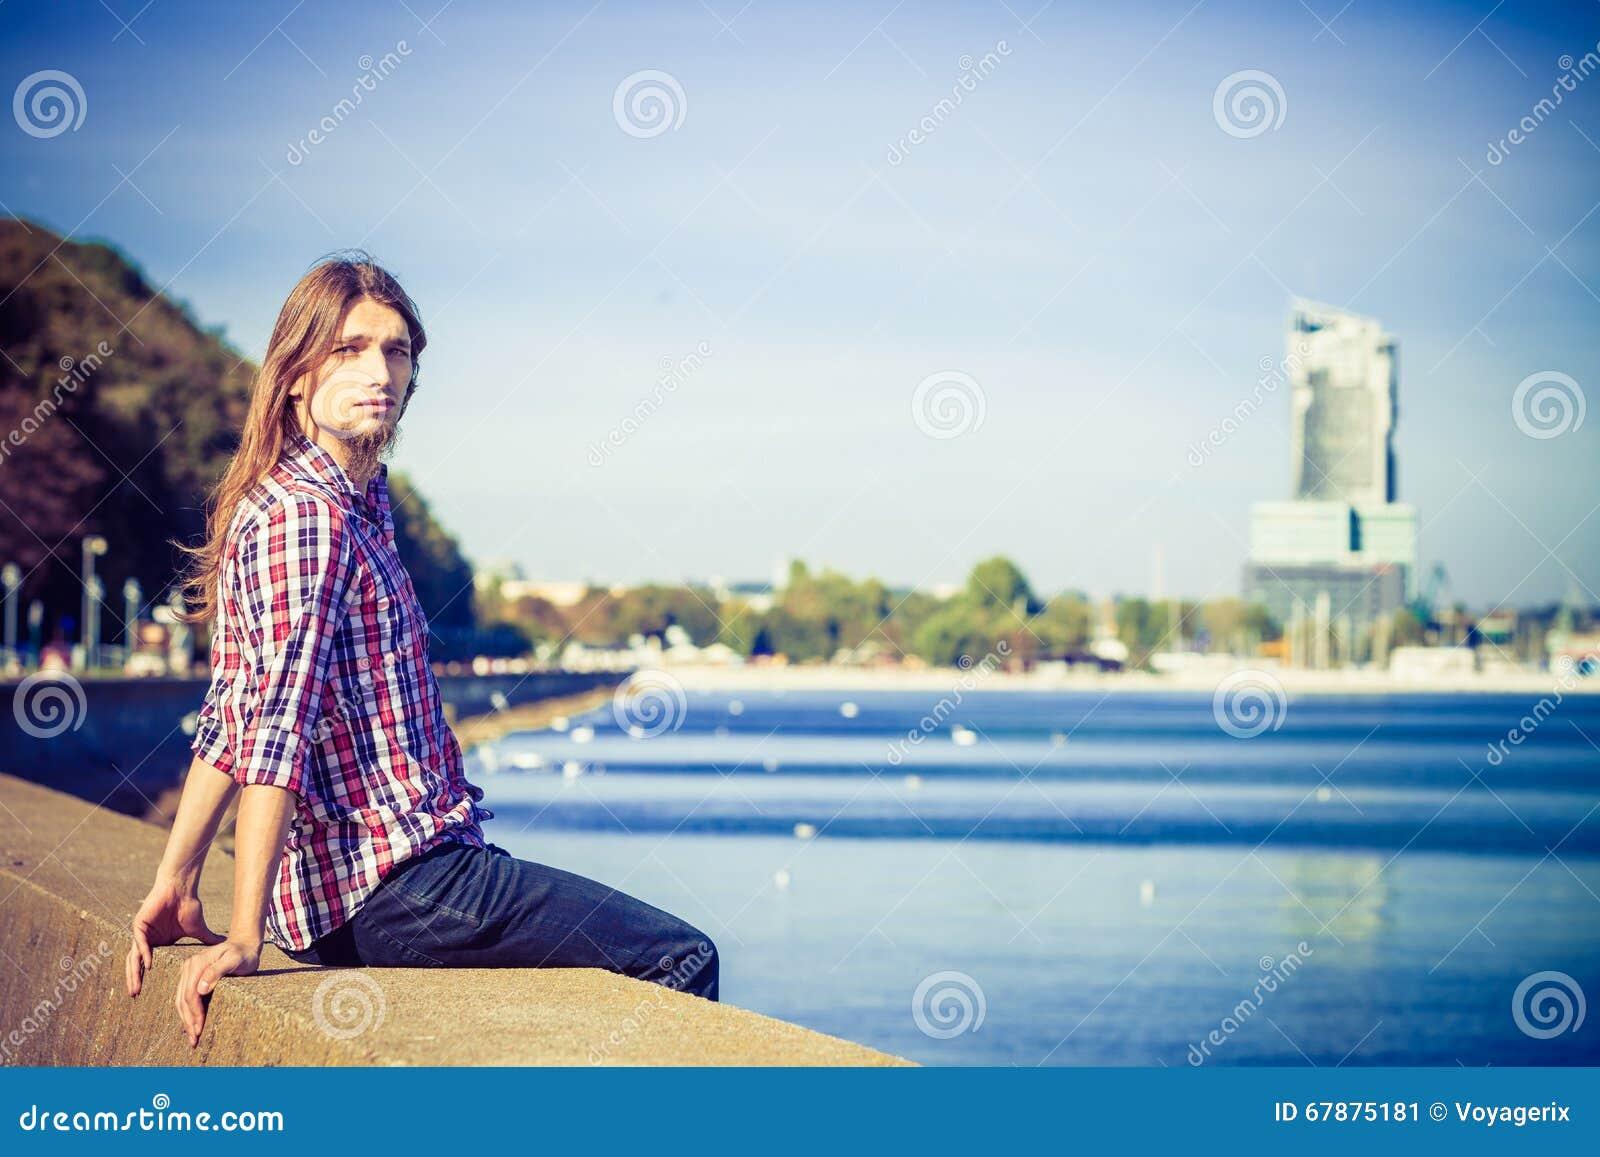 放松由海边的人长的头发